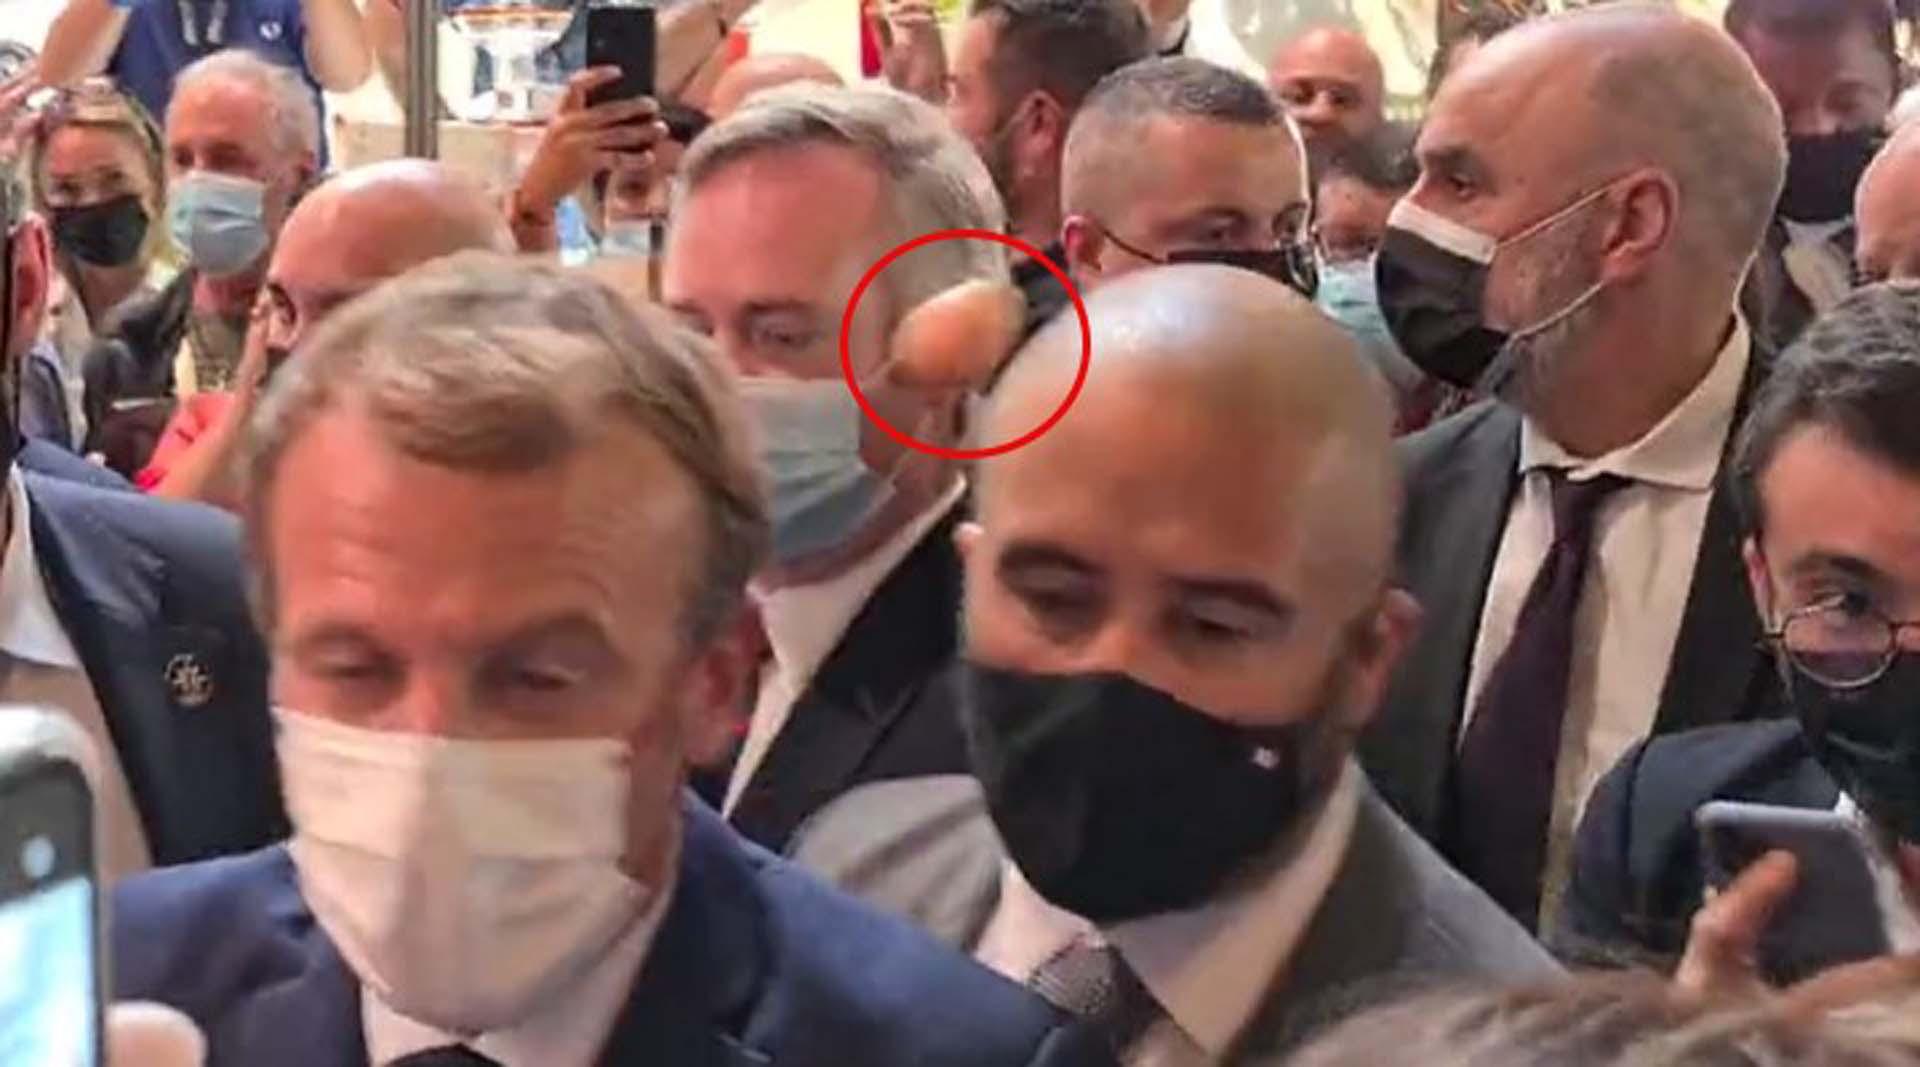 Tokatlı saldırının ardından bir kez daha şoke oldu! Fransa Cumhurbaşkanı Emmanuel Macron'a yumurta fırlatıldı